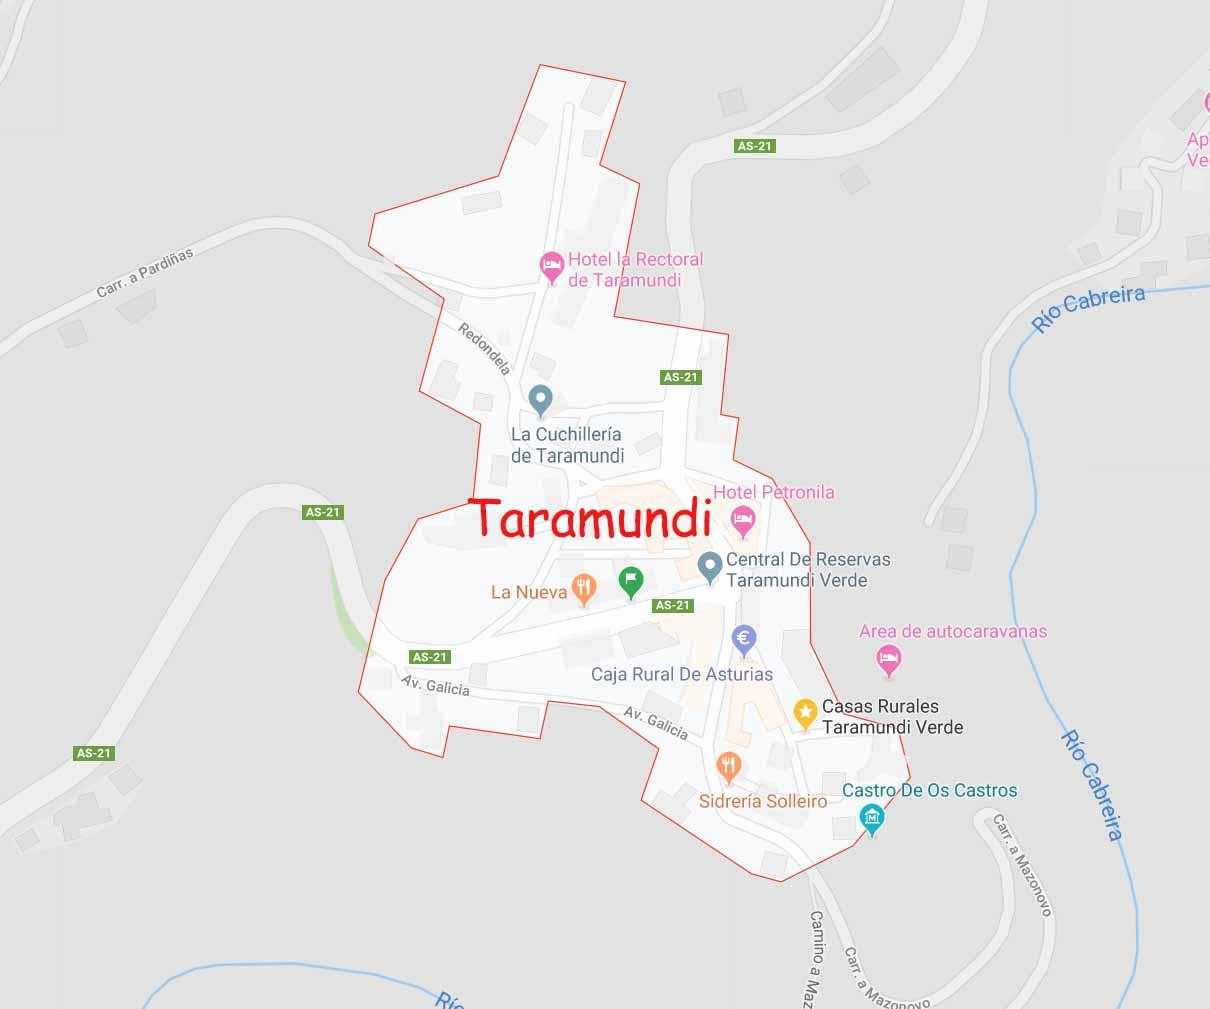 Map of Taramundi